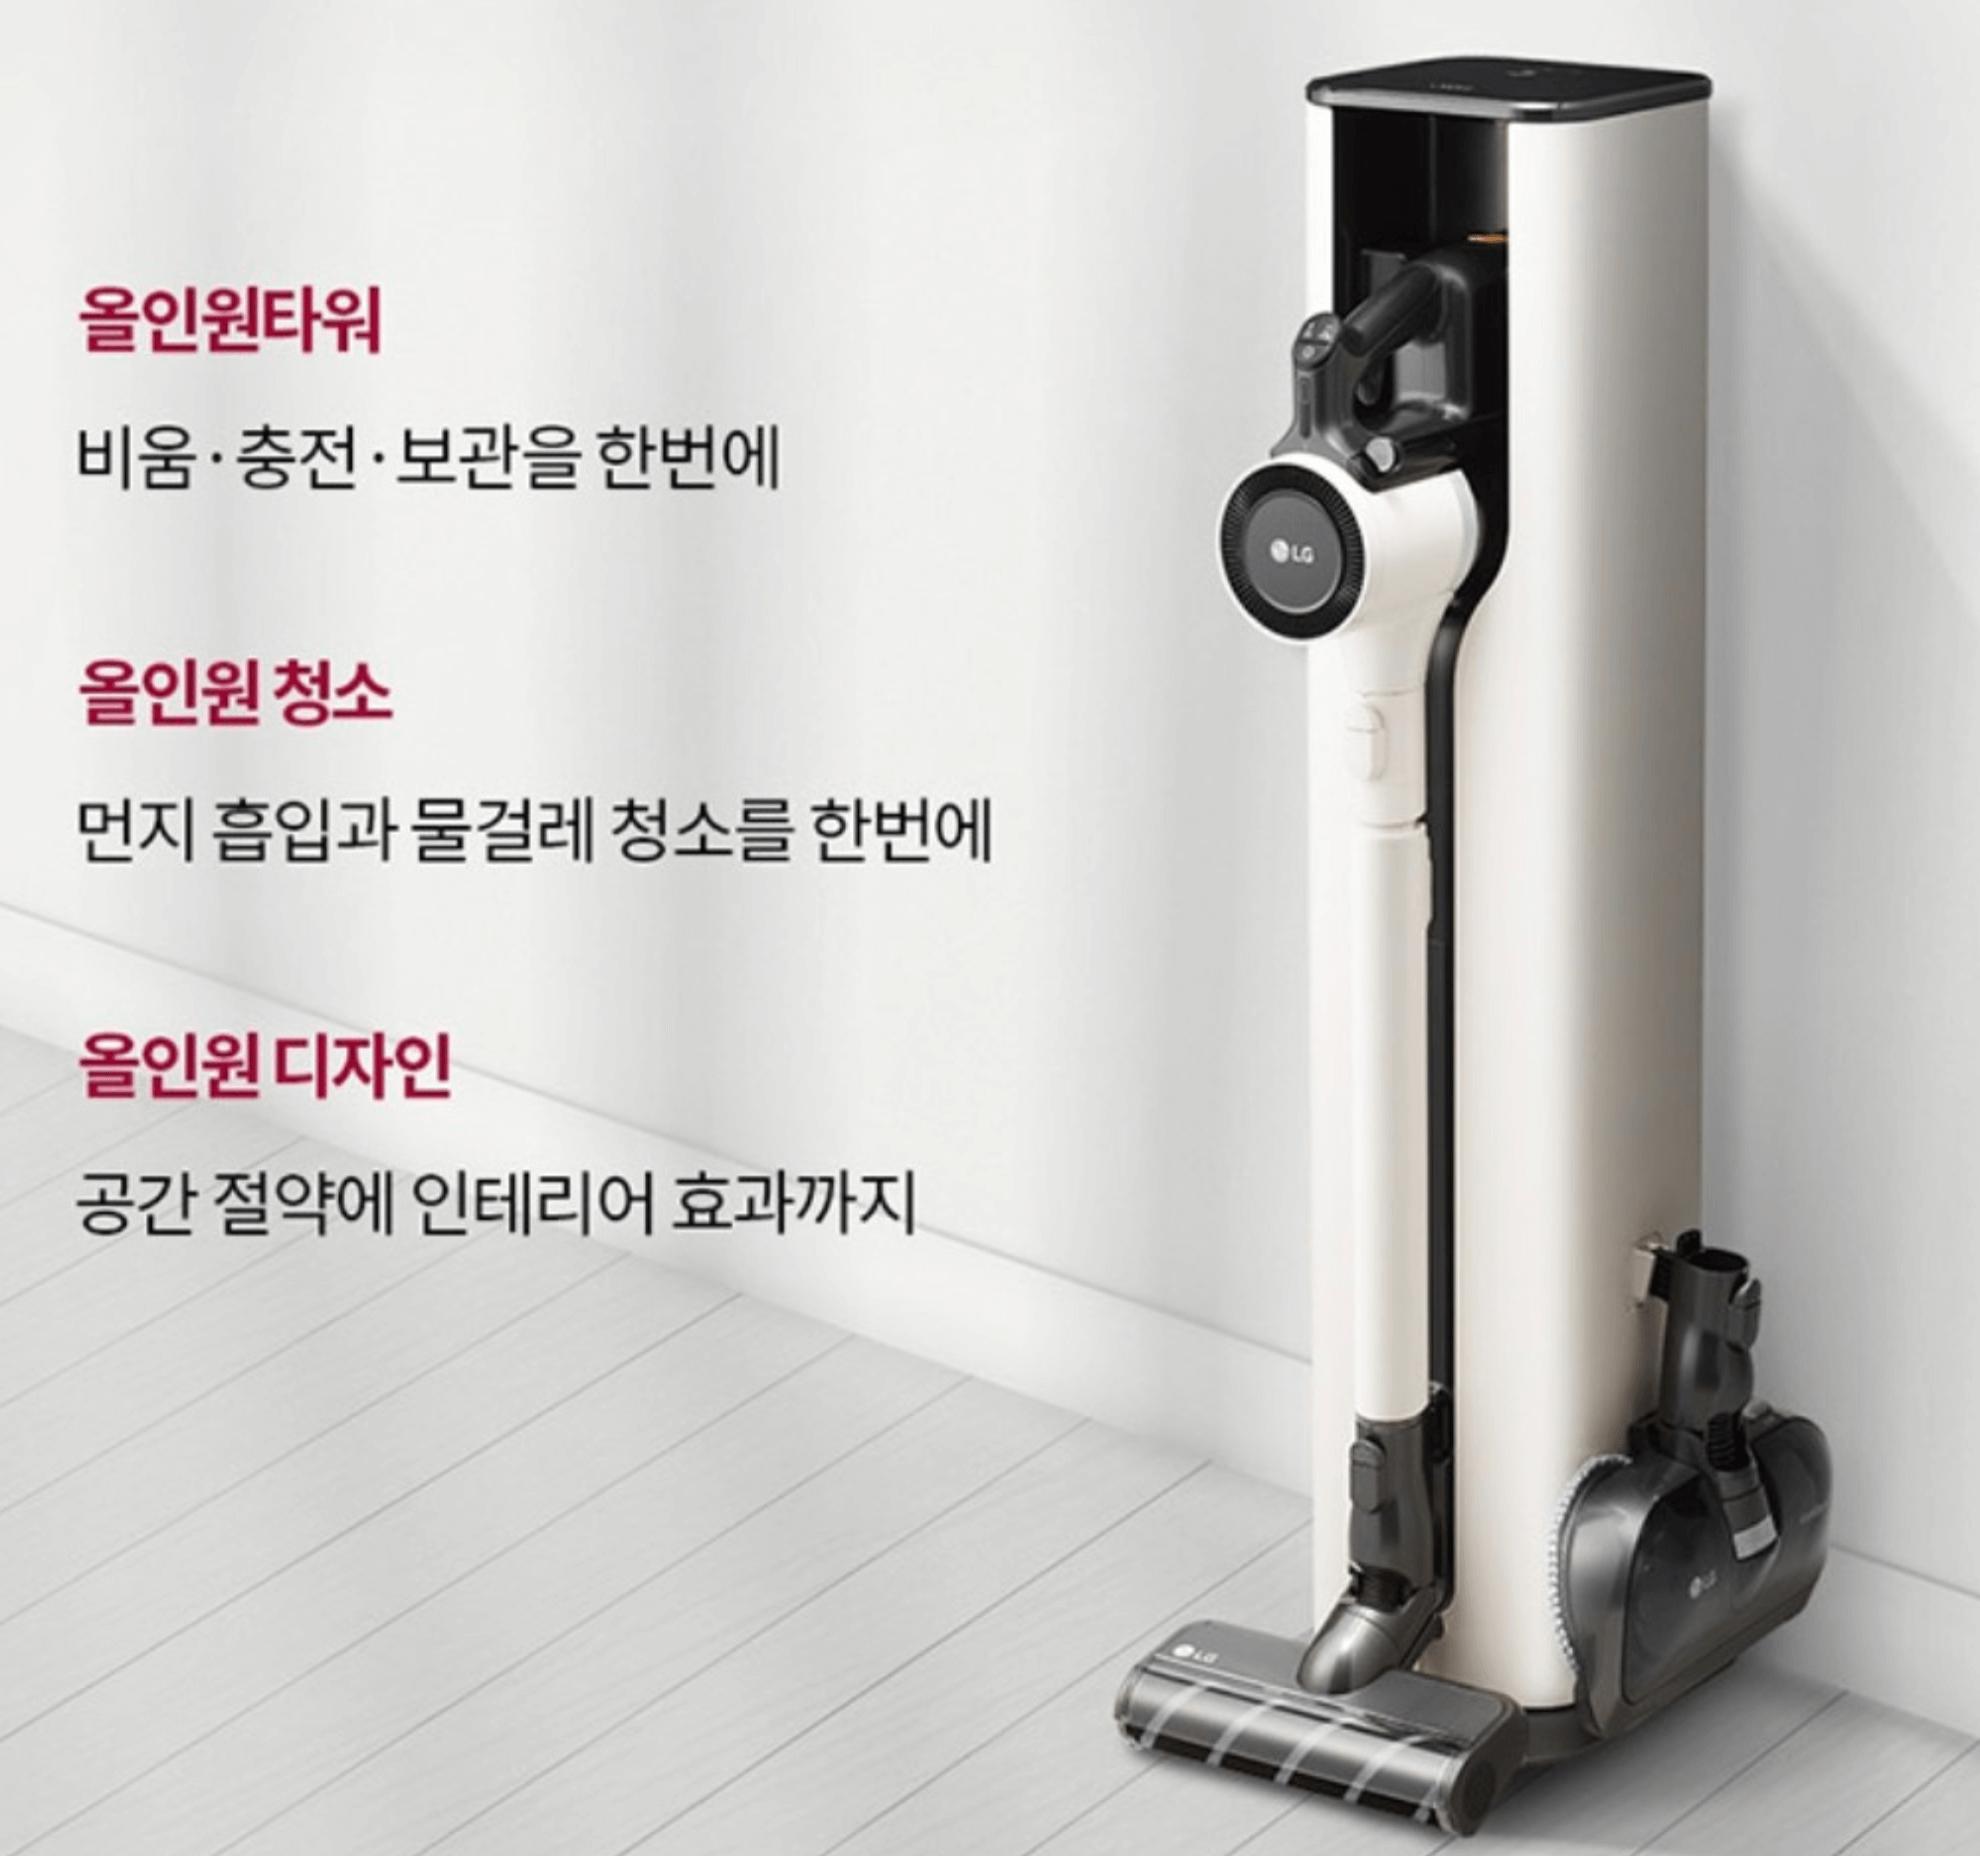 엘지-오브제-무선-청소기-성능